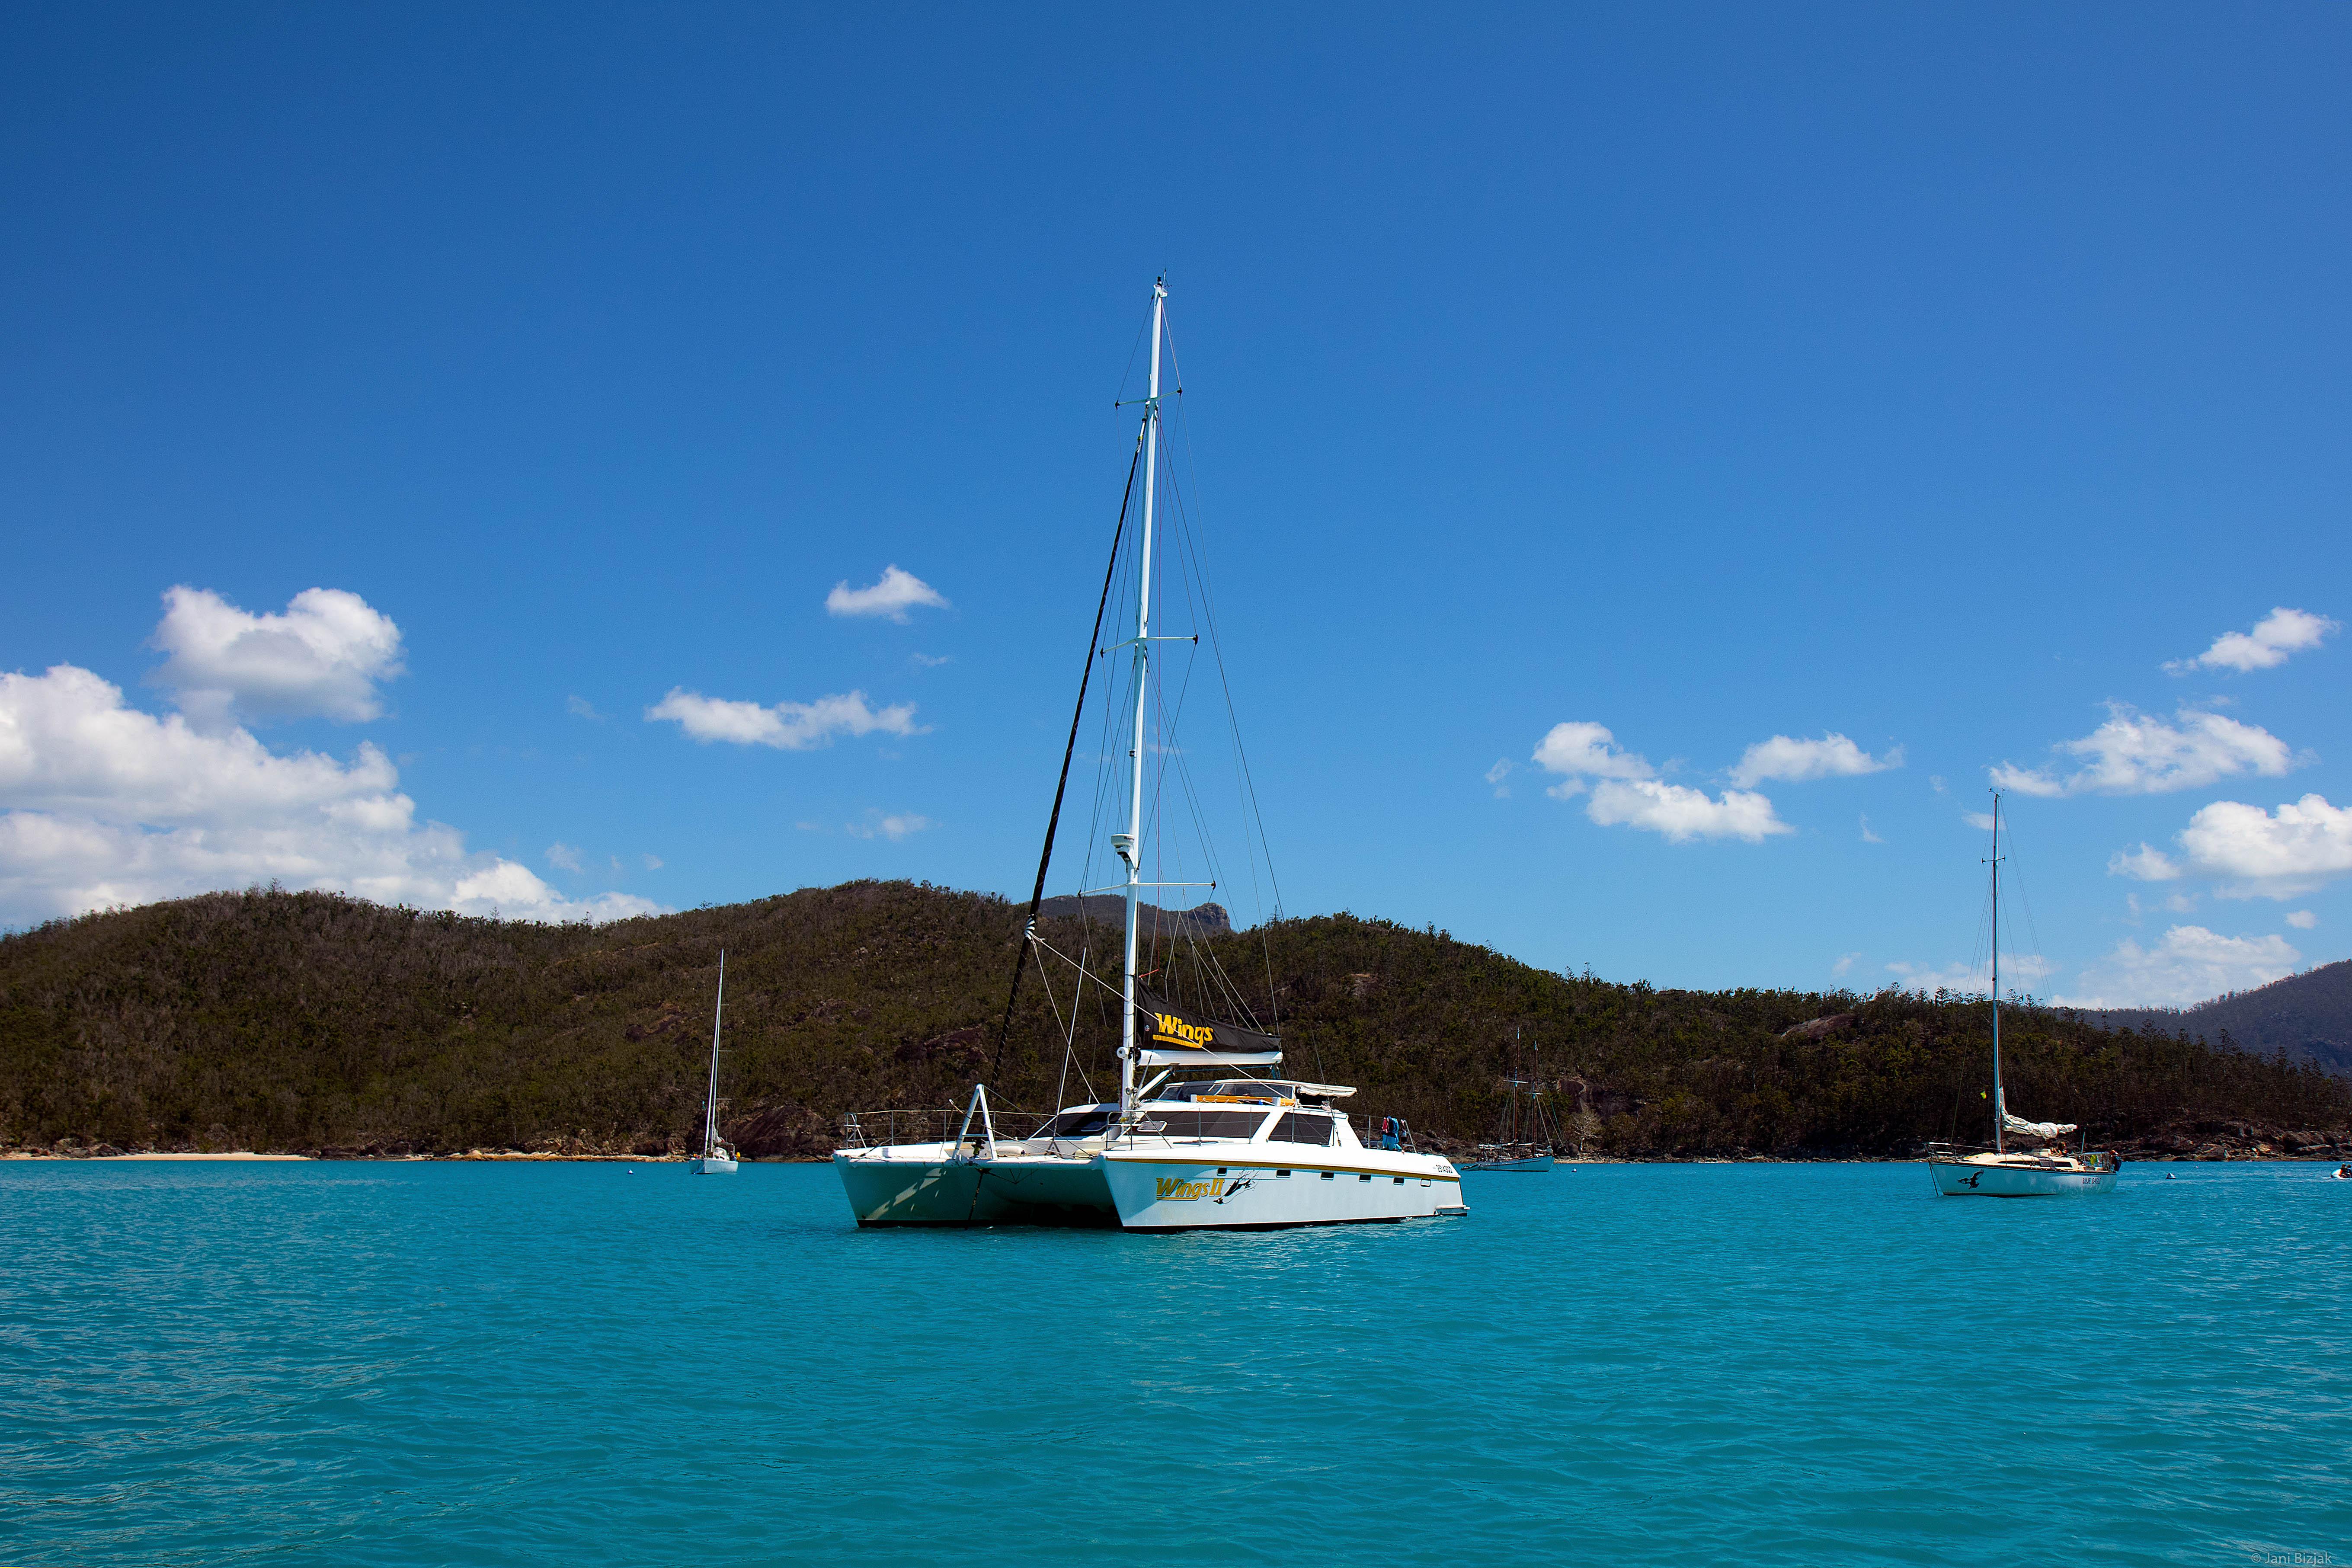 Catamaran where we spent next 3 days.